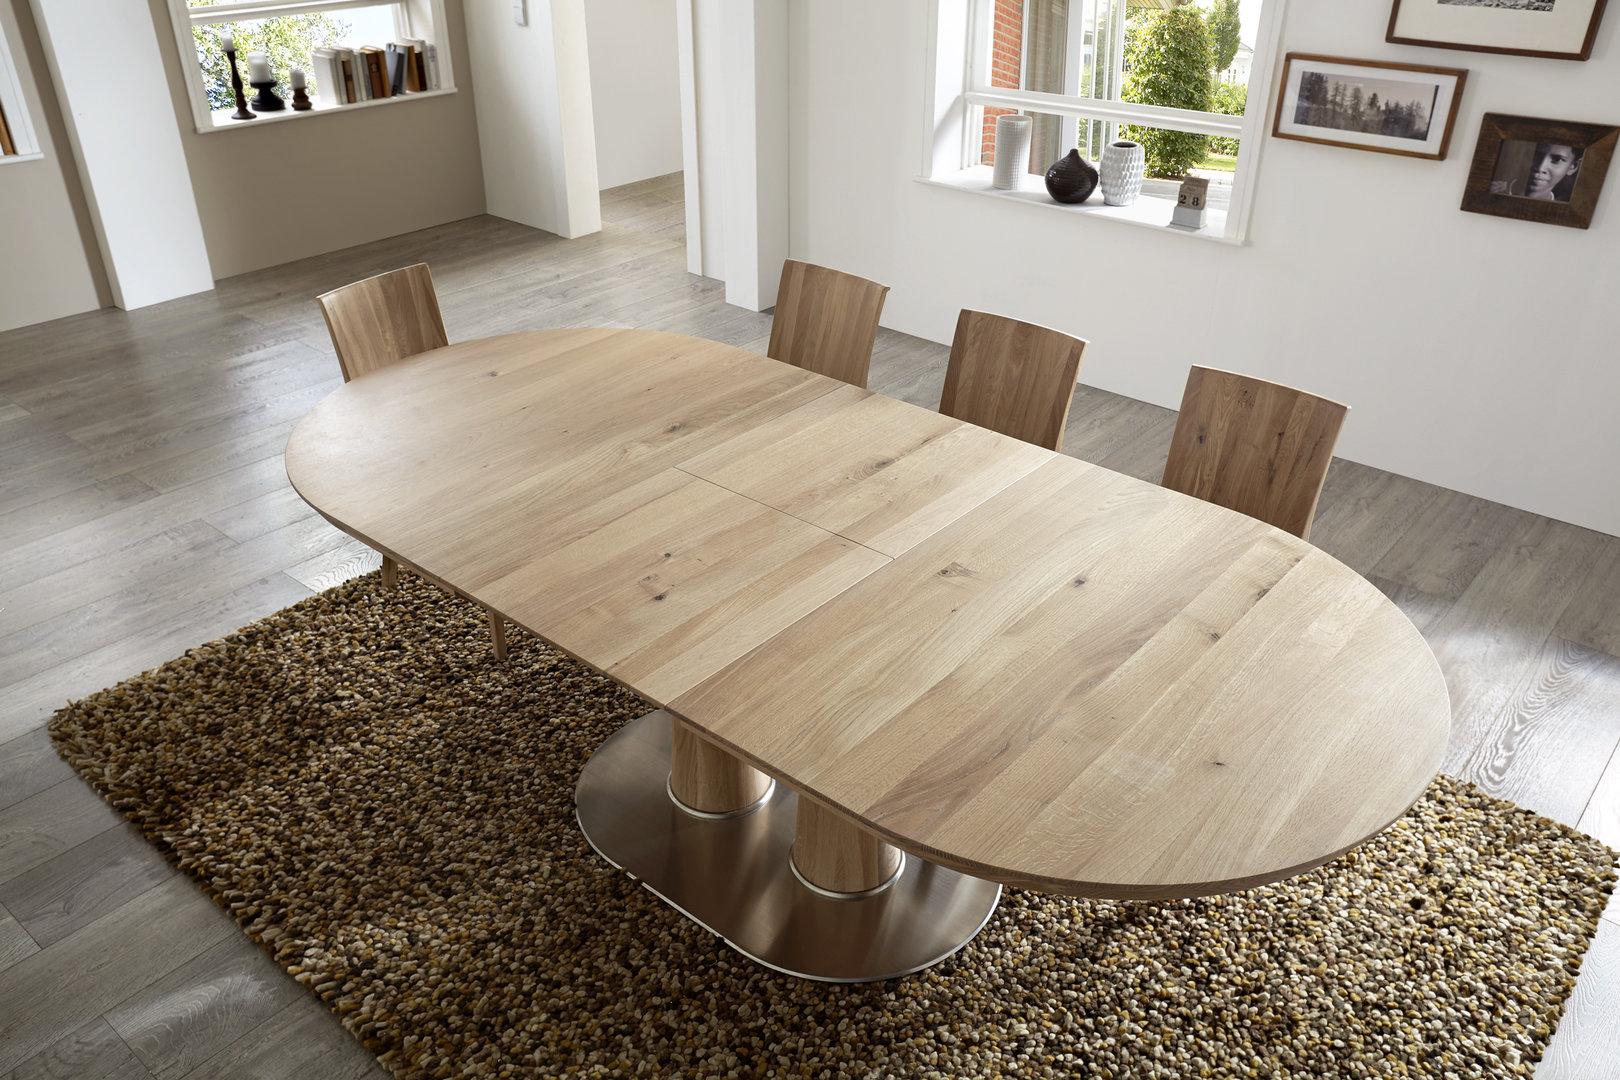 esstisch oval trendy esstisch tulip lounge oval weiss. Black Bedroom Furniture Sets. Home Design Ideas